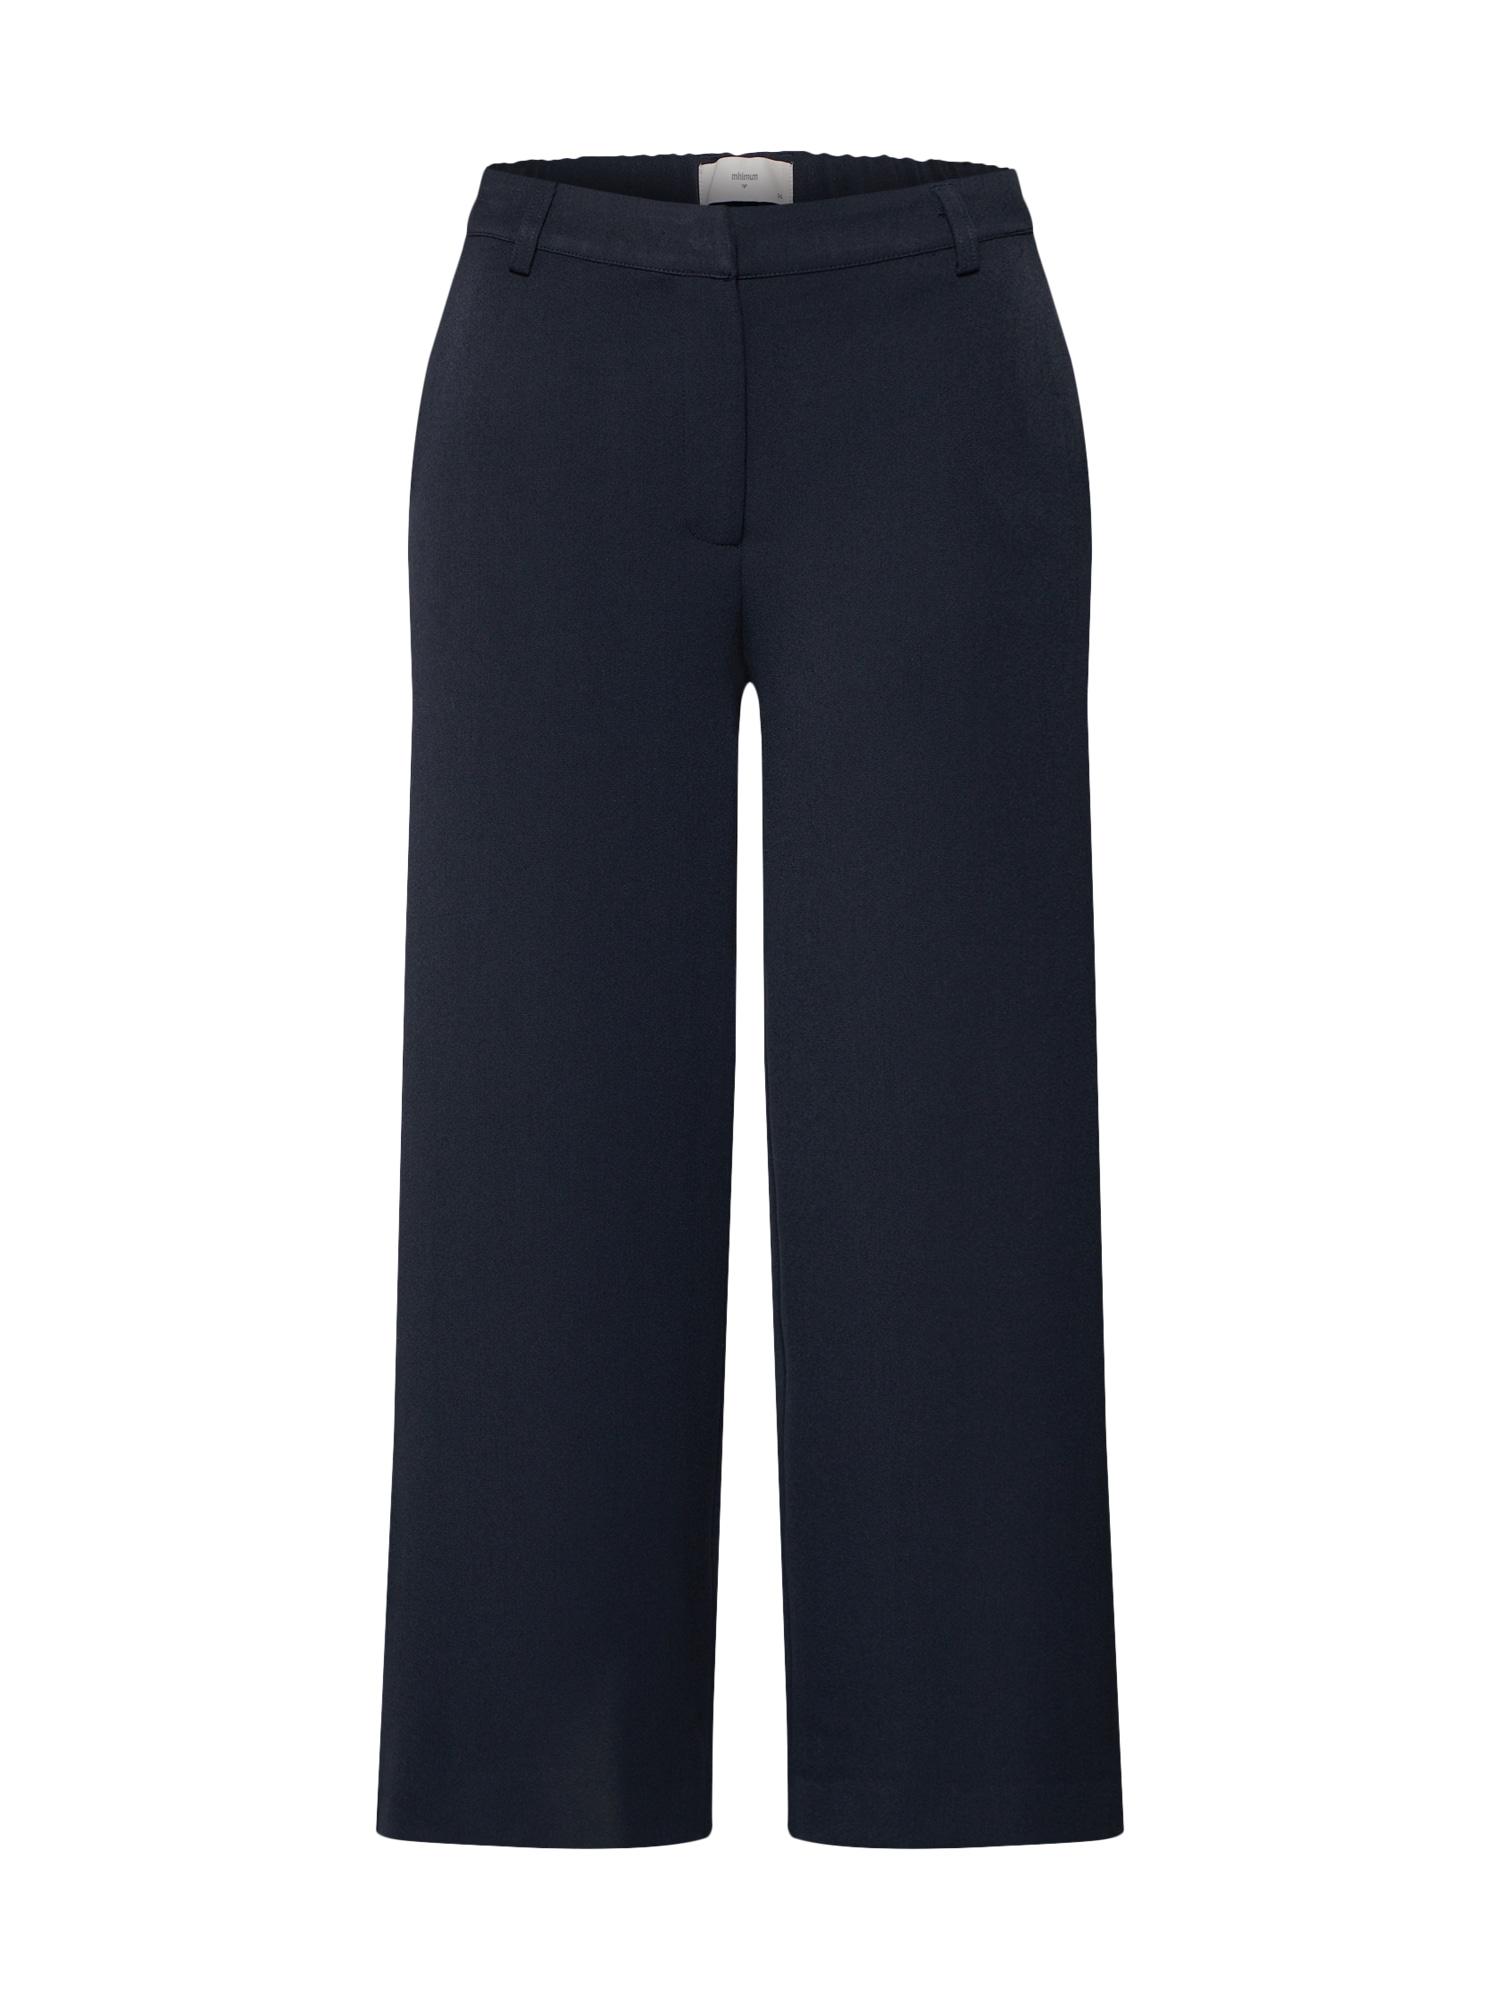 Kalhoty Culotta námořnická modř Minimum